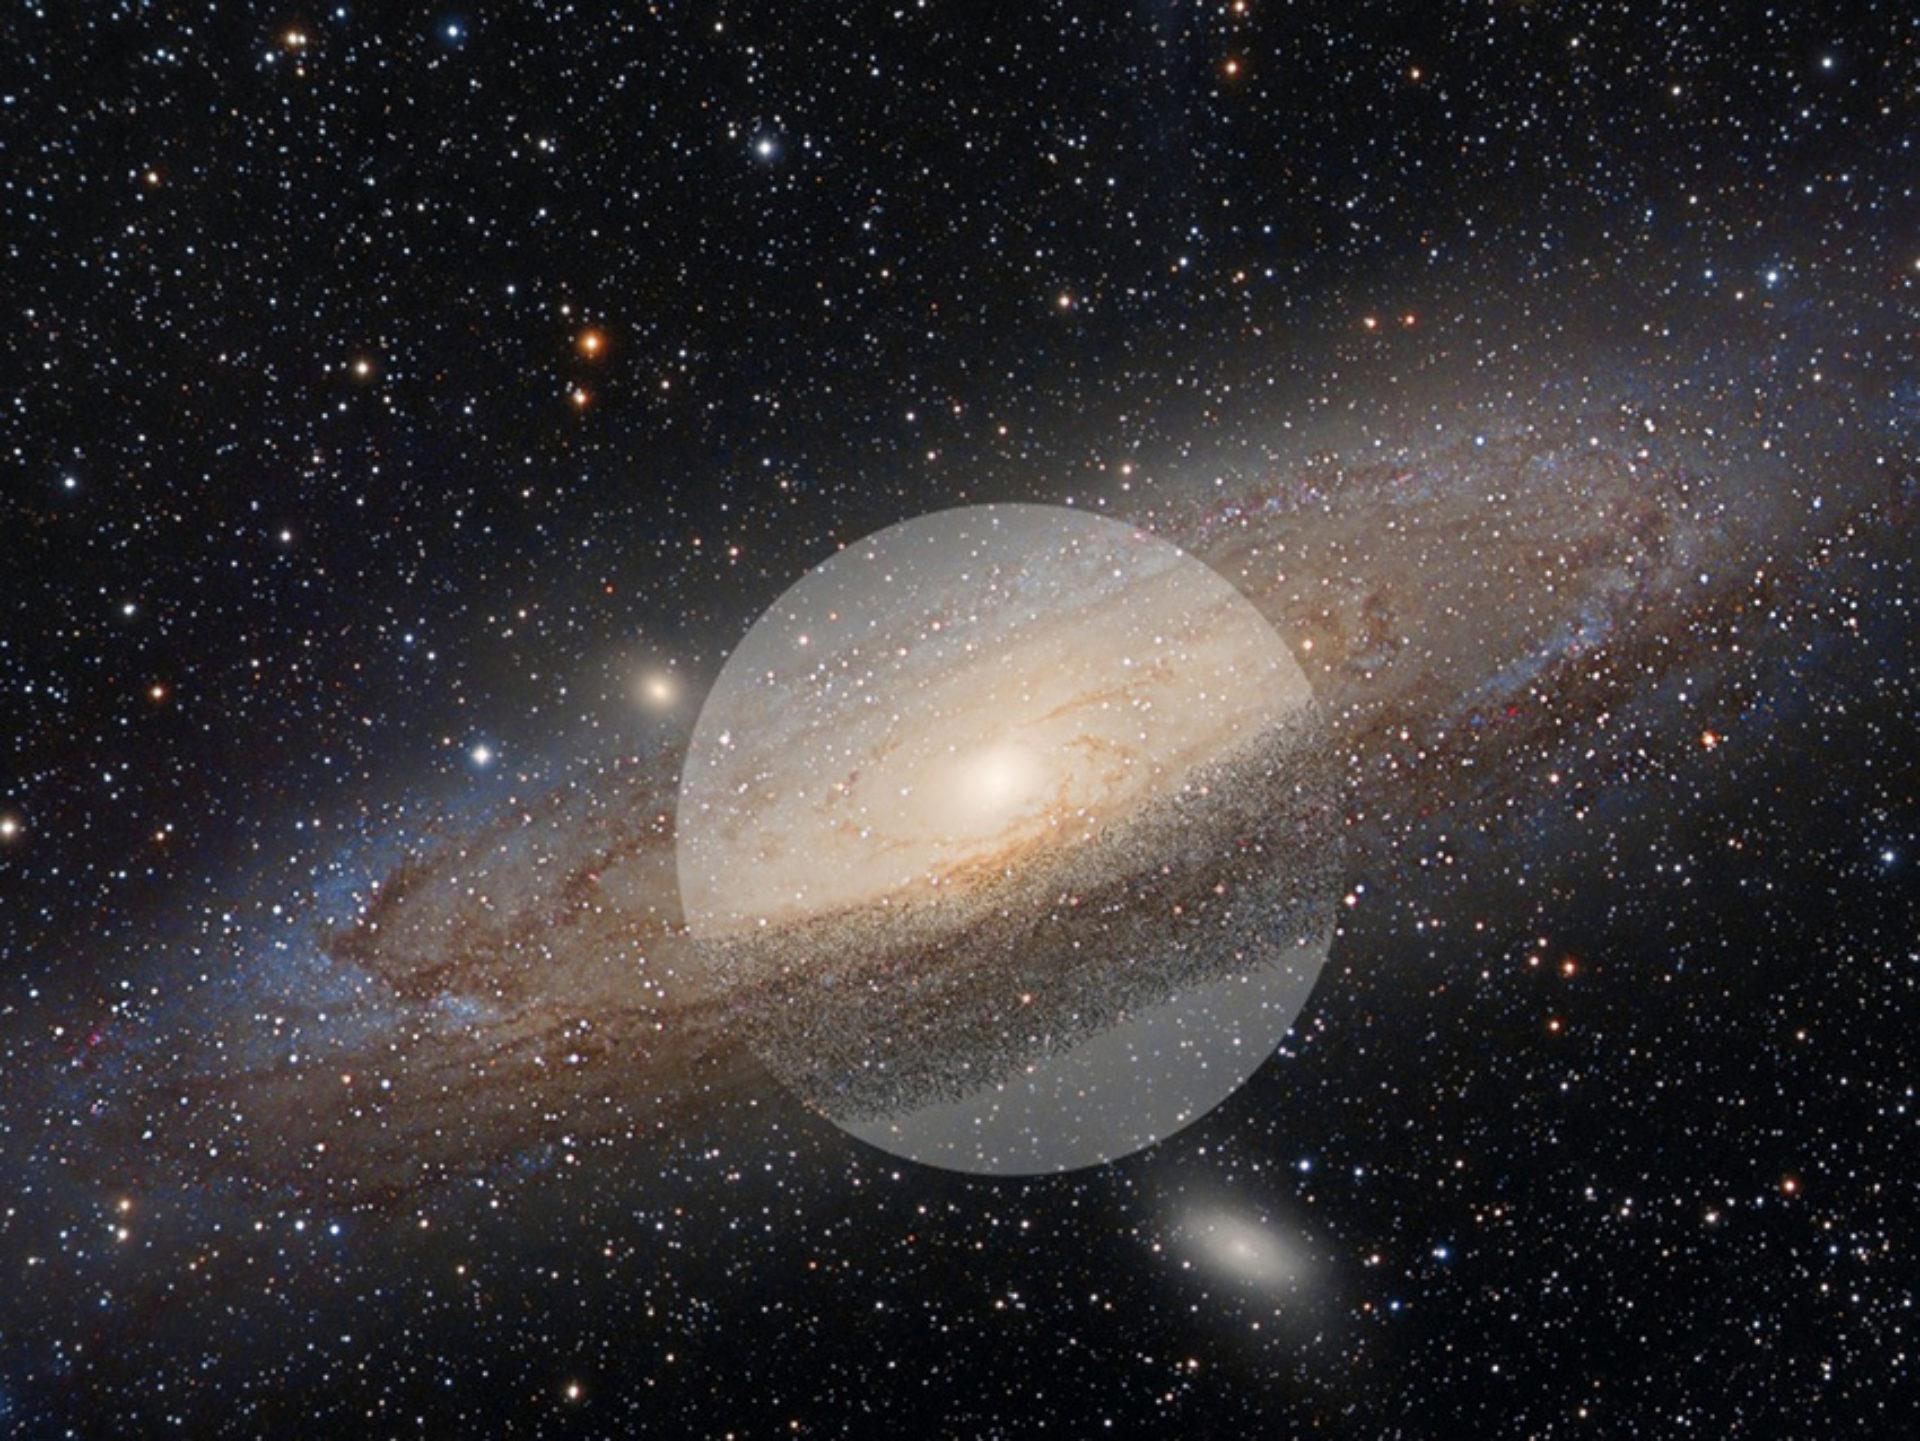 De lessen van Saturnus: welke les heb jij te leren?